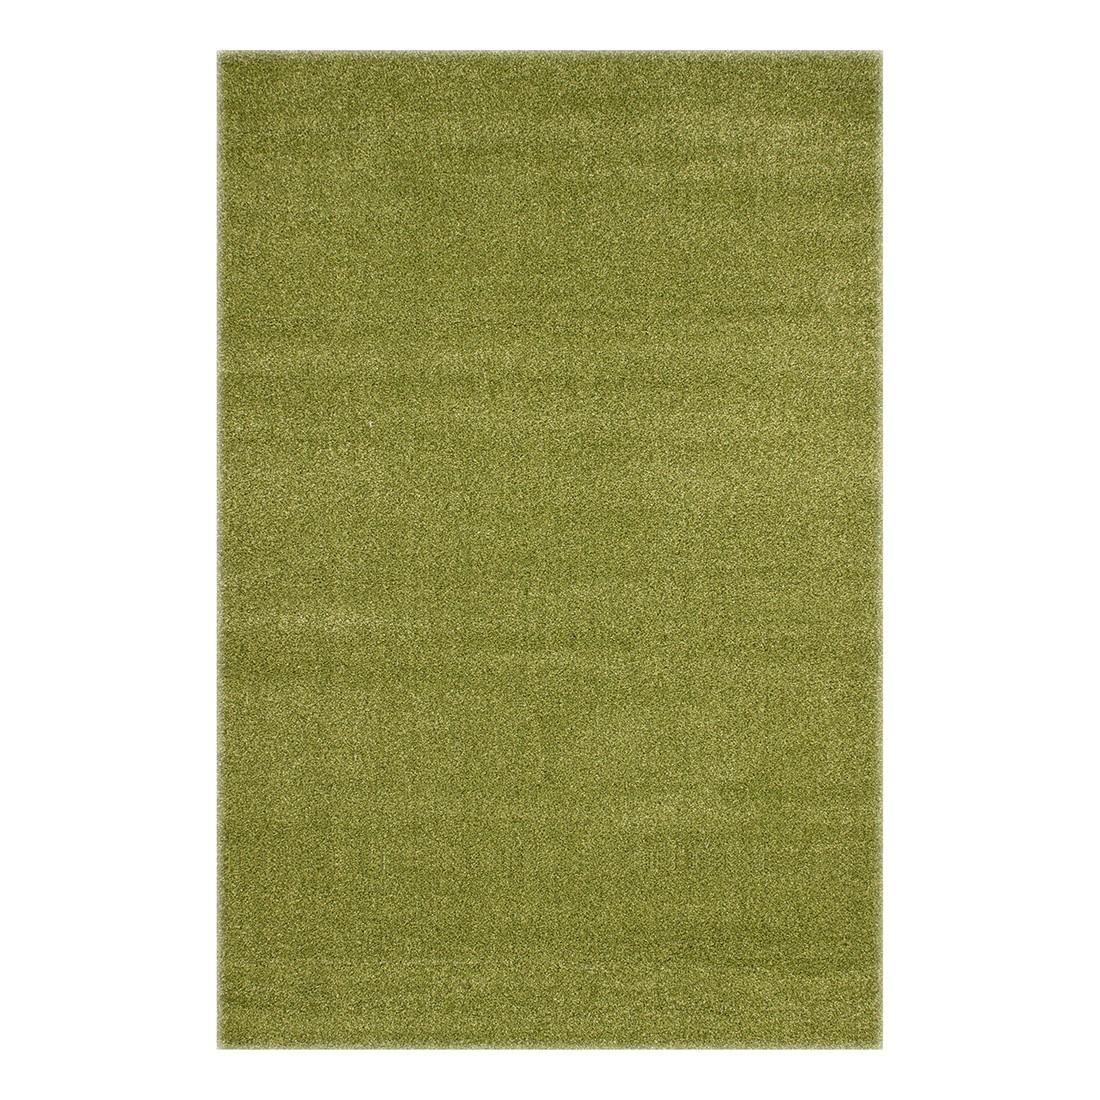 Teppich Basic - Grün - 60 x 110 cm, Obsession